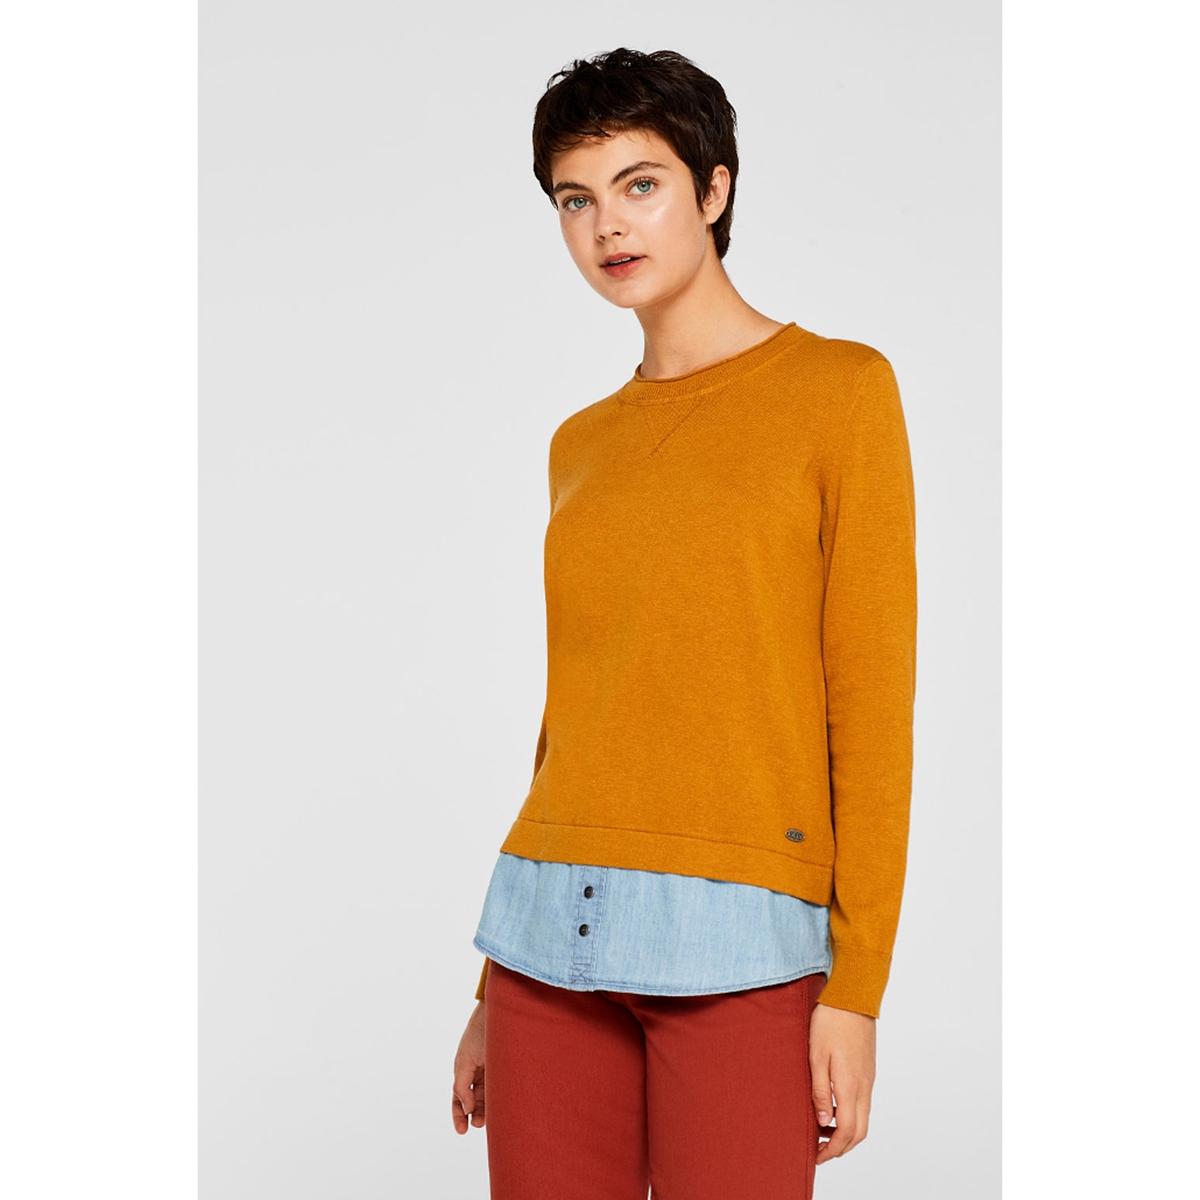 Jersey 2 en 1 camisa vaquera